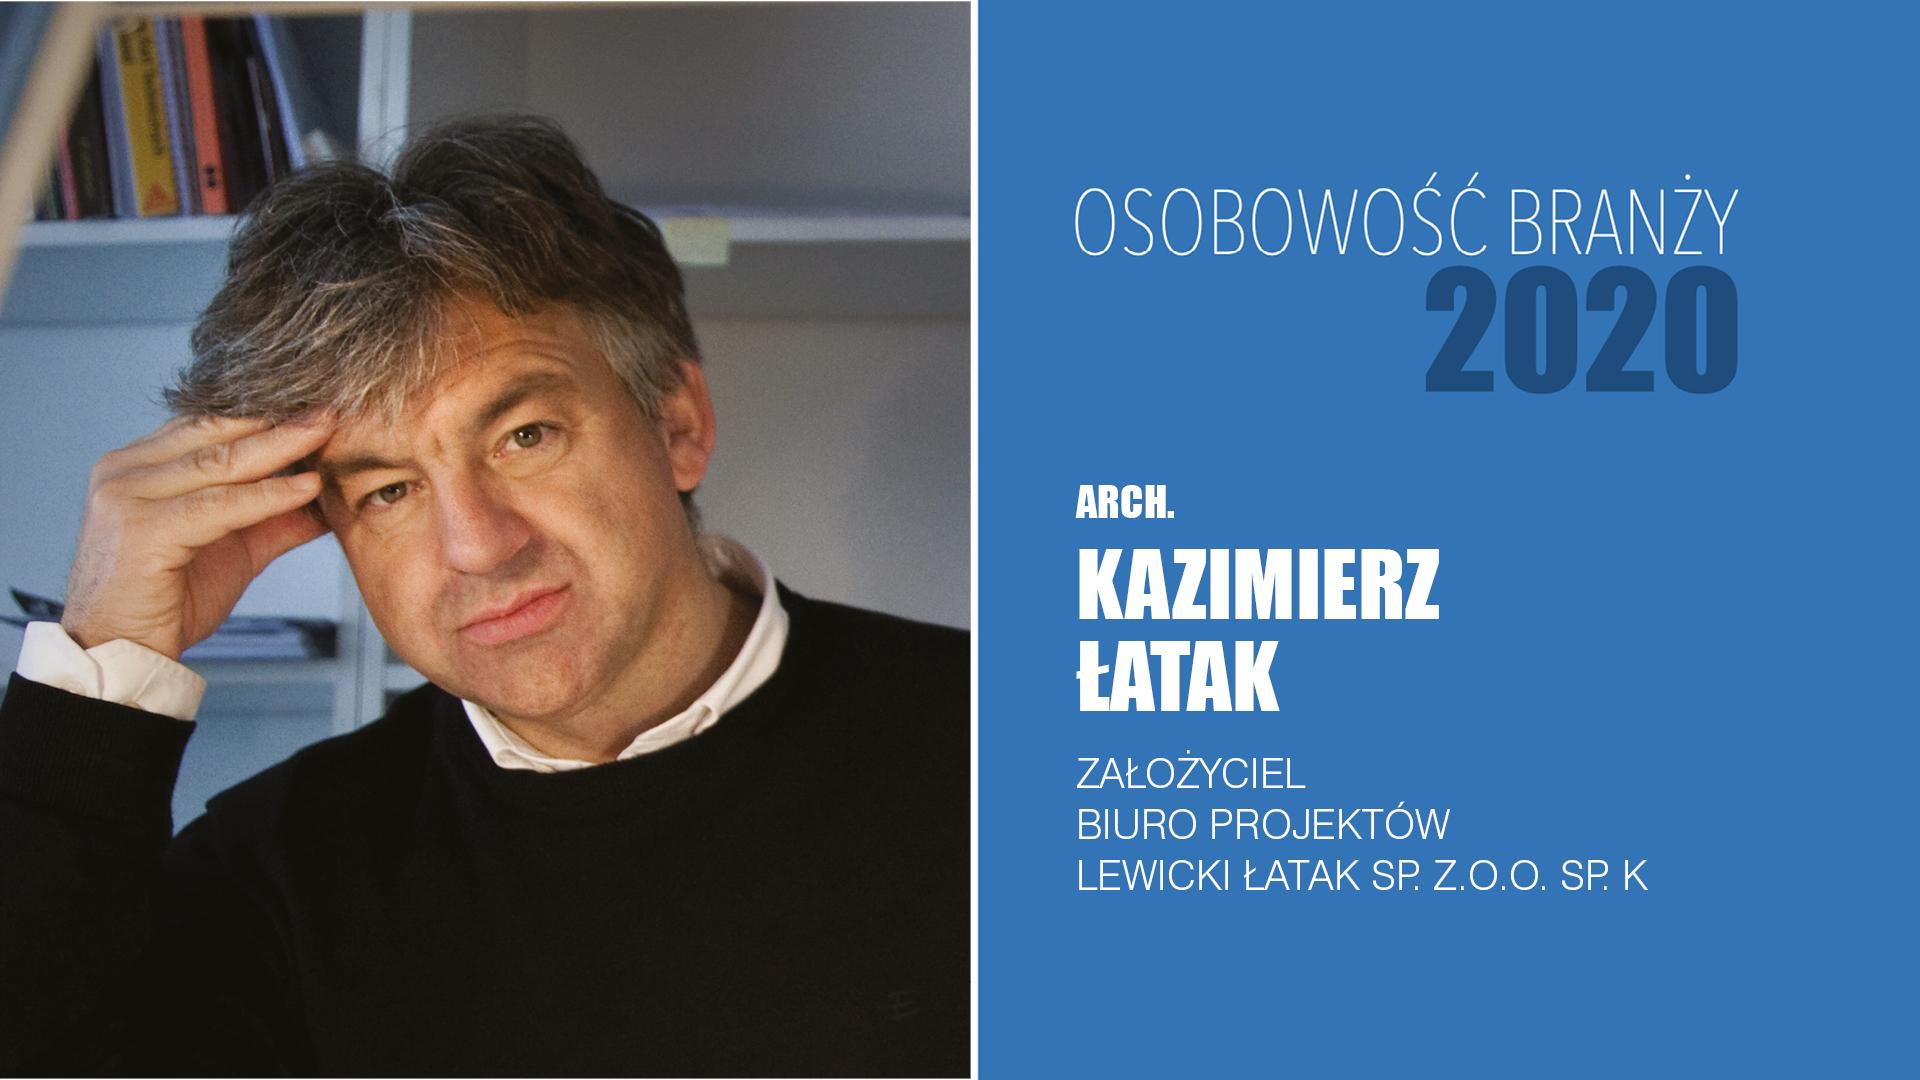 Kazimierz Łatak – Osobowość Branży 2020